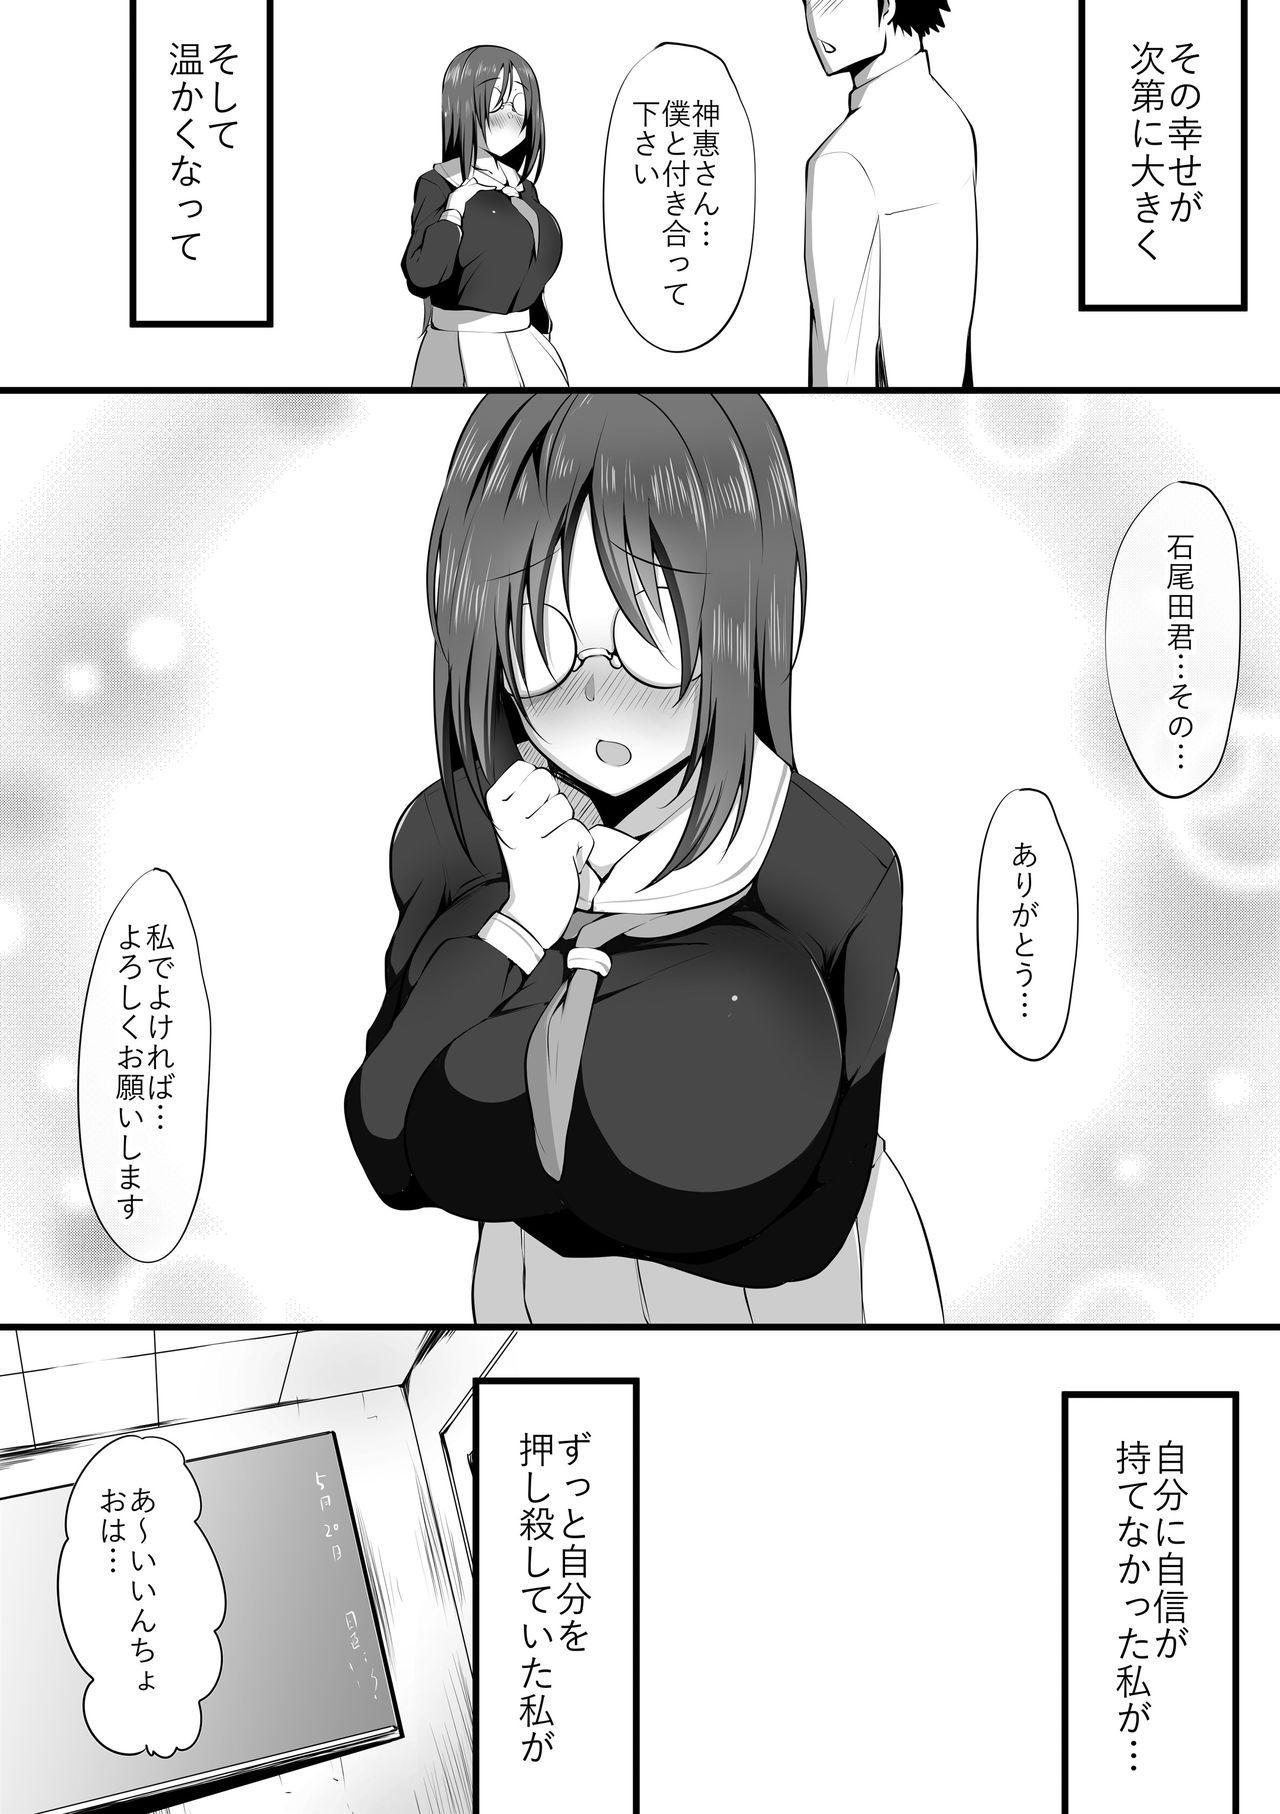 Megane no Oku no Kimi 3